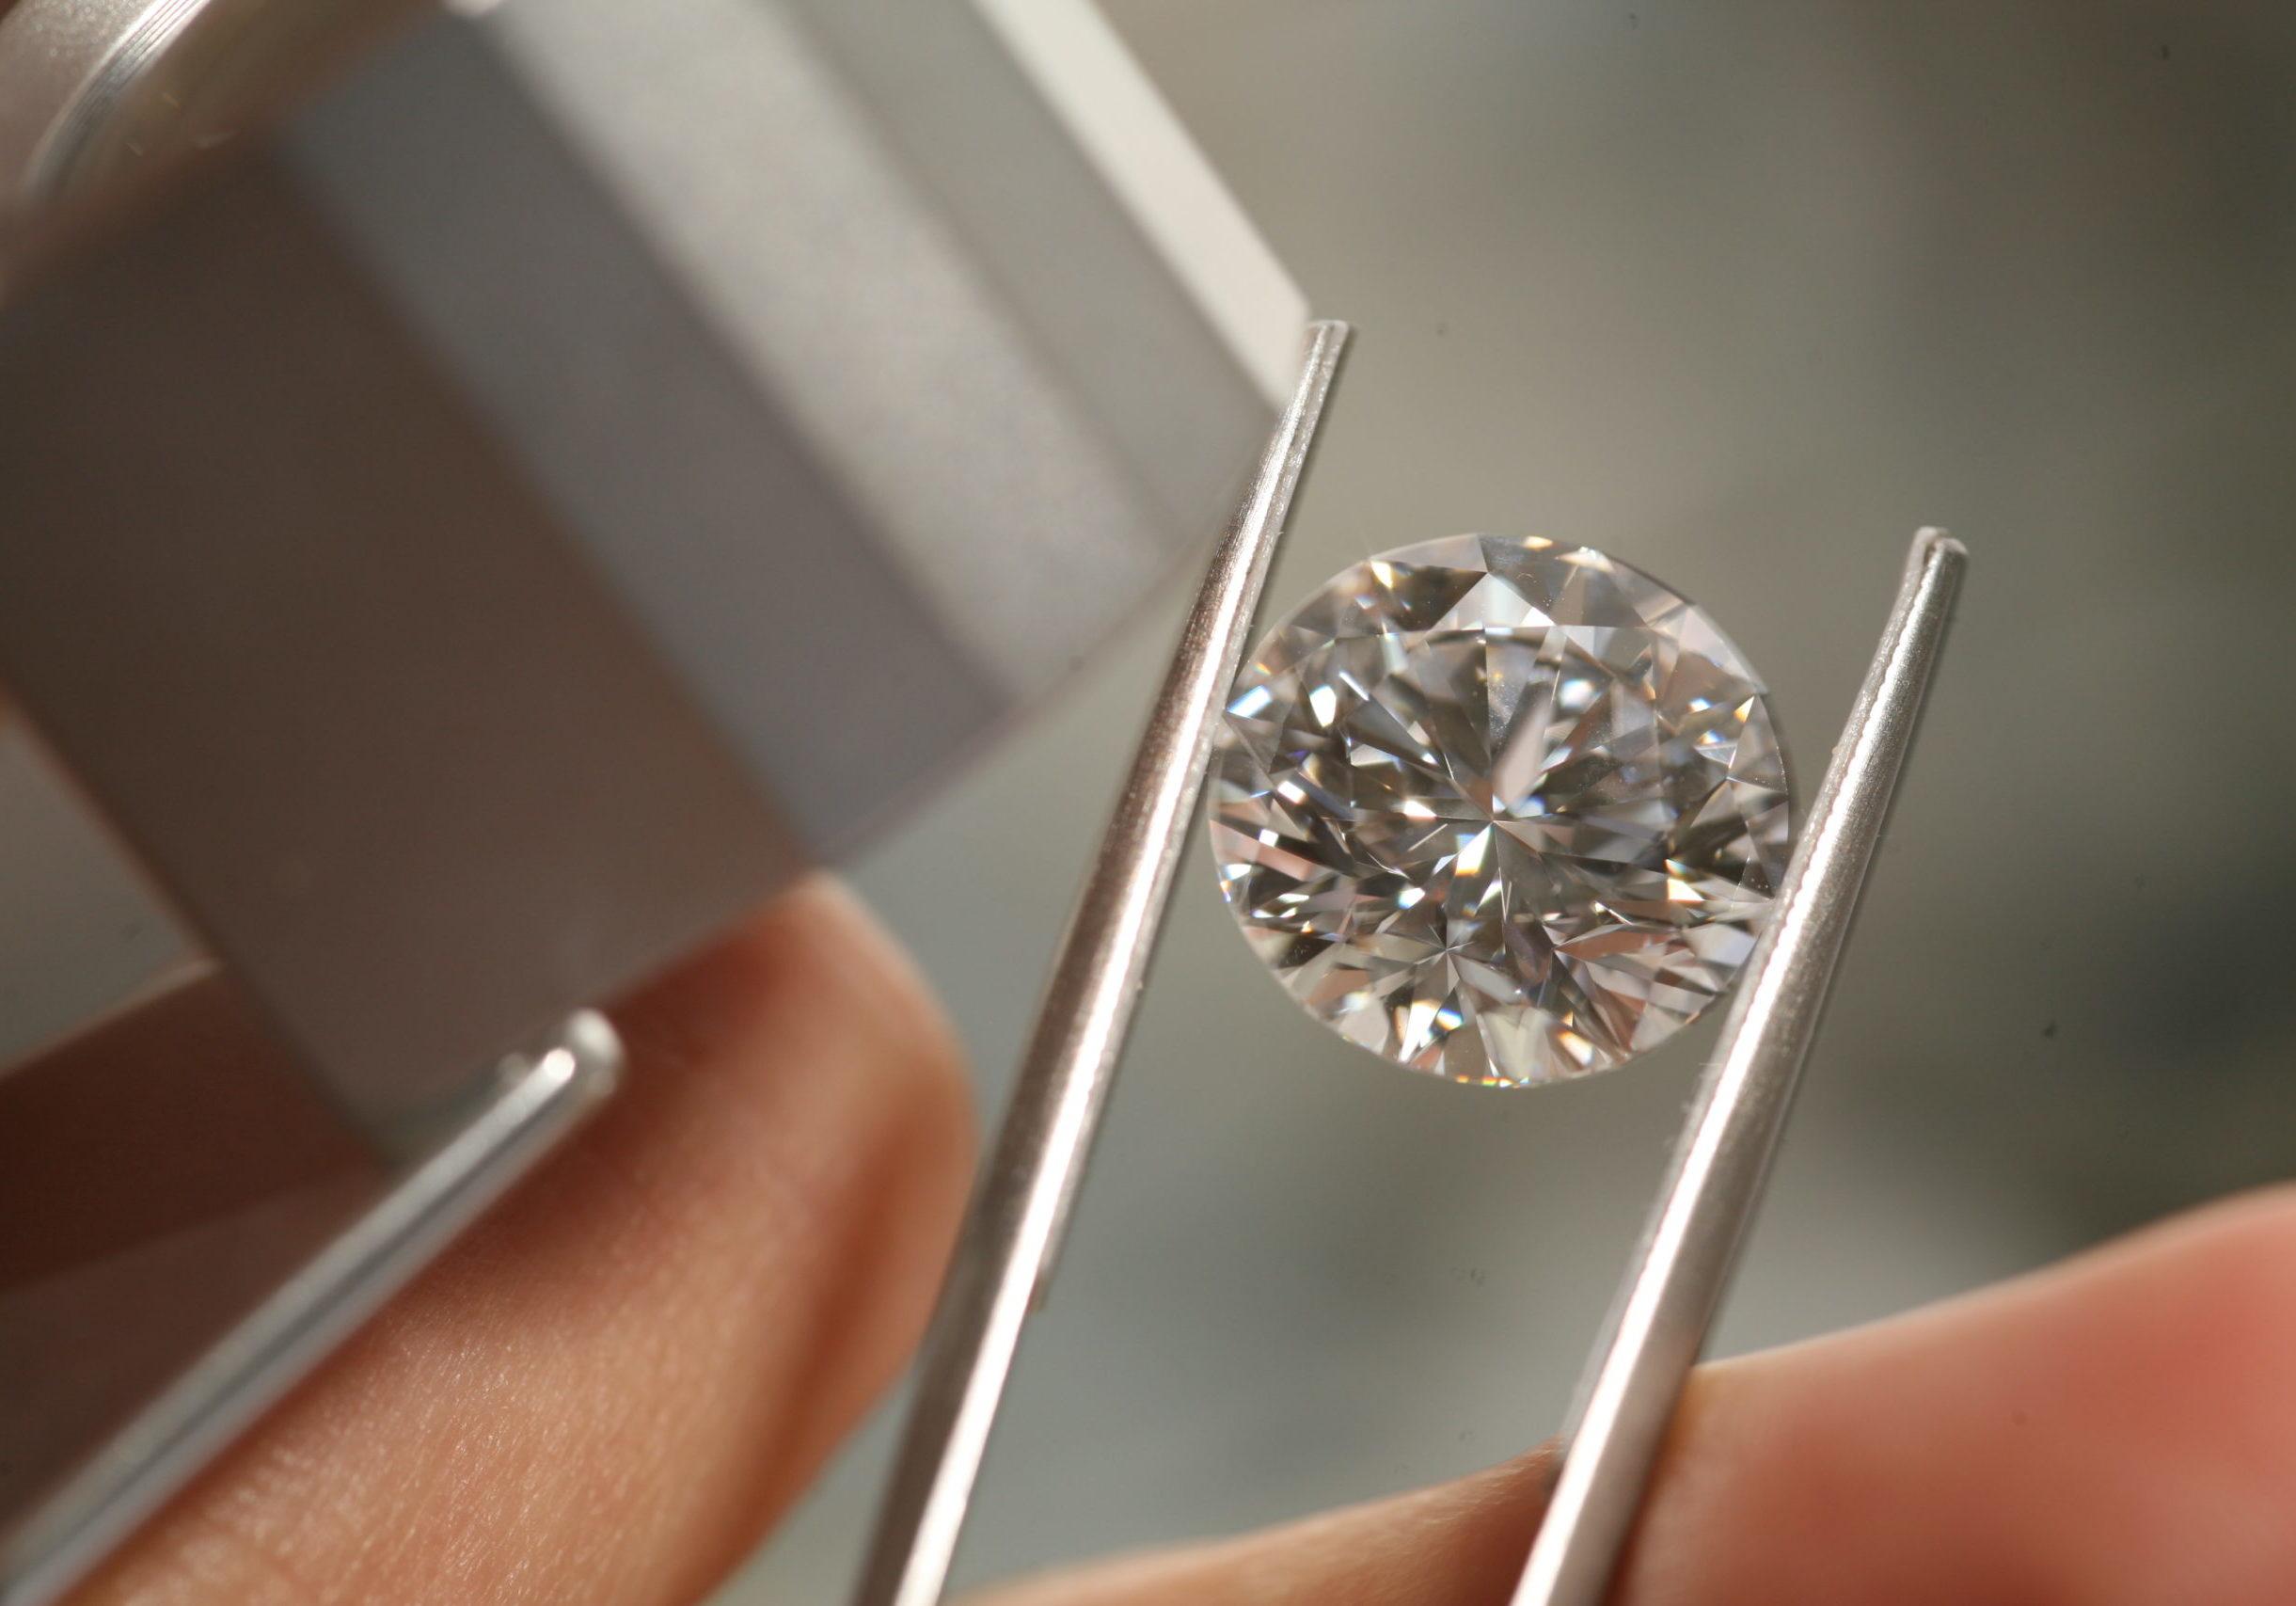 Backes & Strauss - Diamond Image 1 (1)